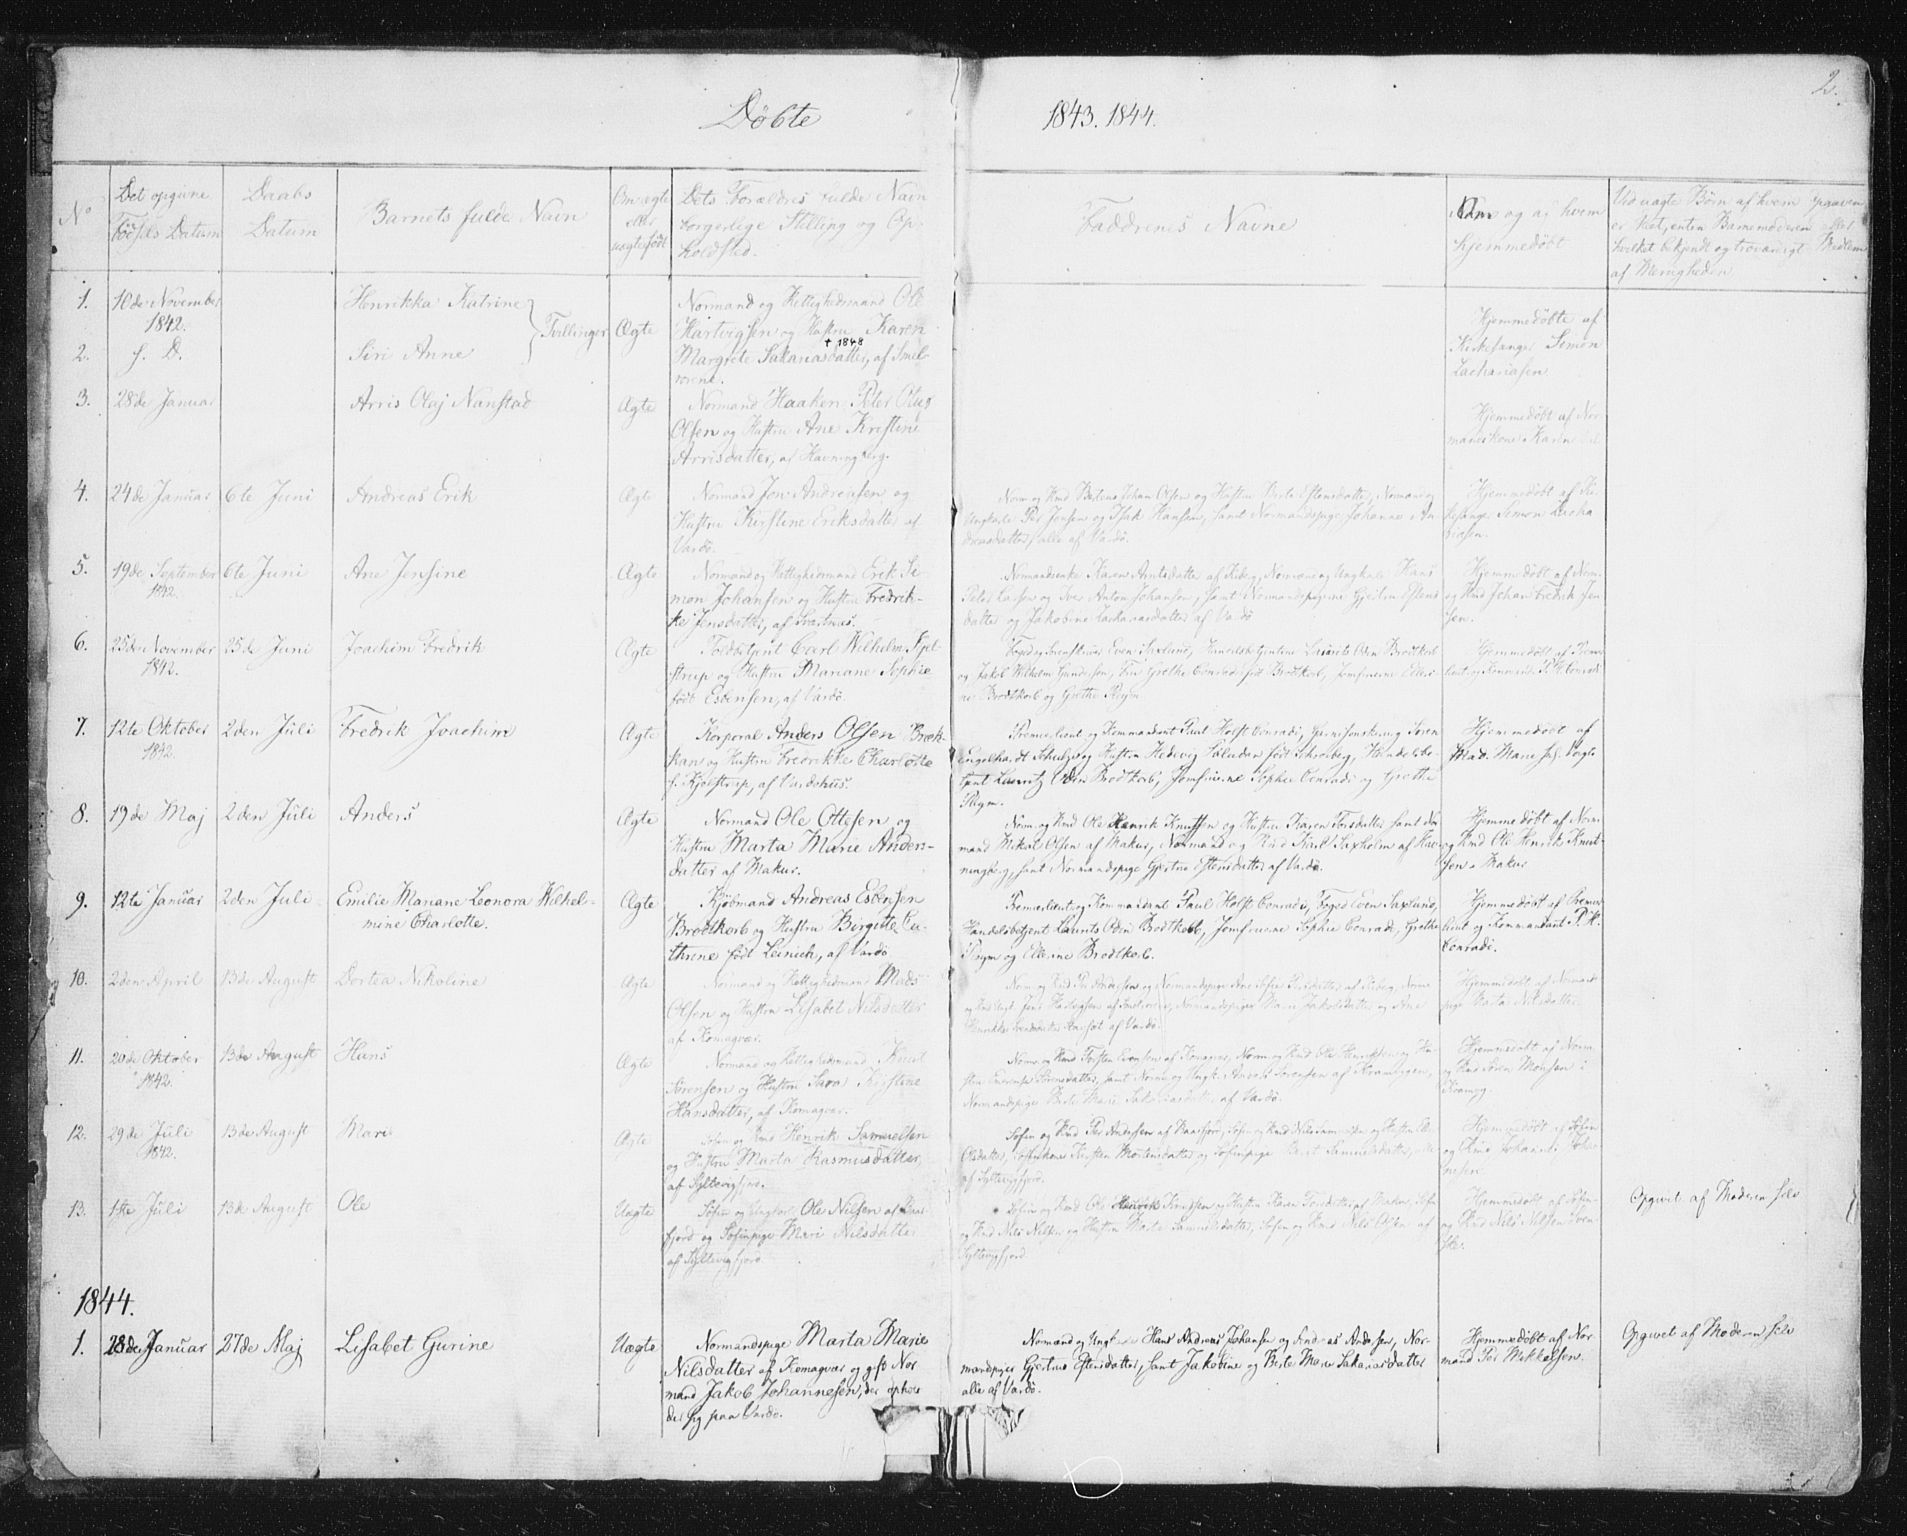 SATØ, Vardø sokneprestkontor, H/Ha/L0003kirke: Ministerialbok nr. 3, 1843-1861, s. 2